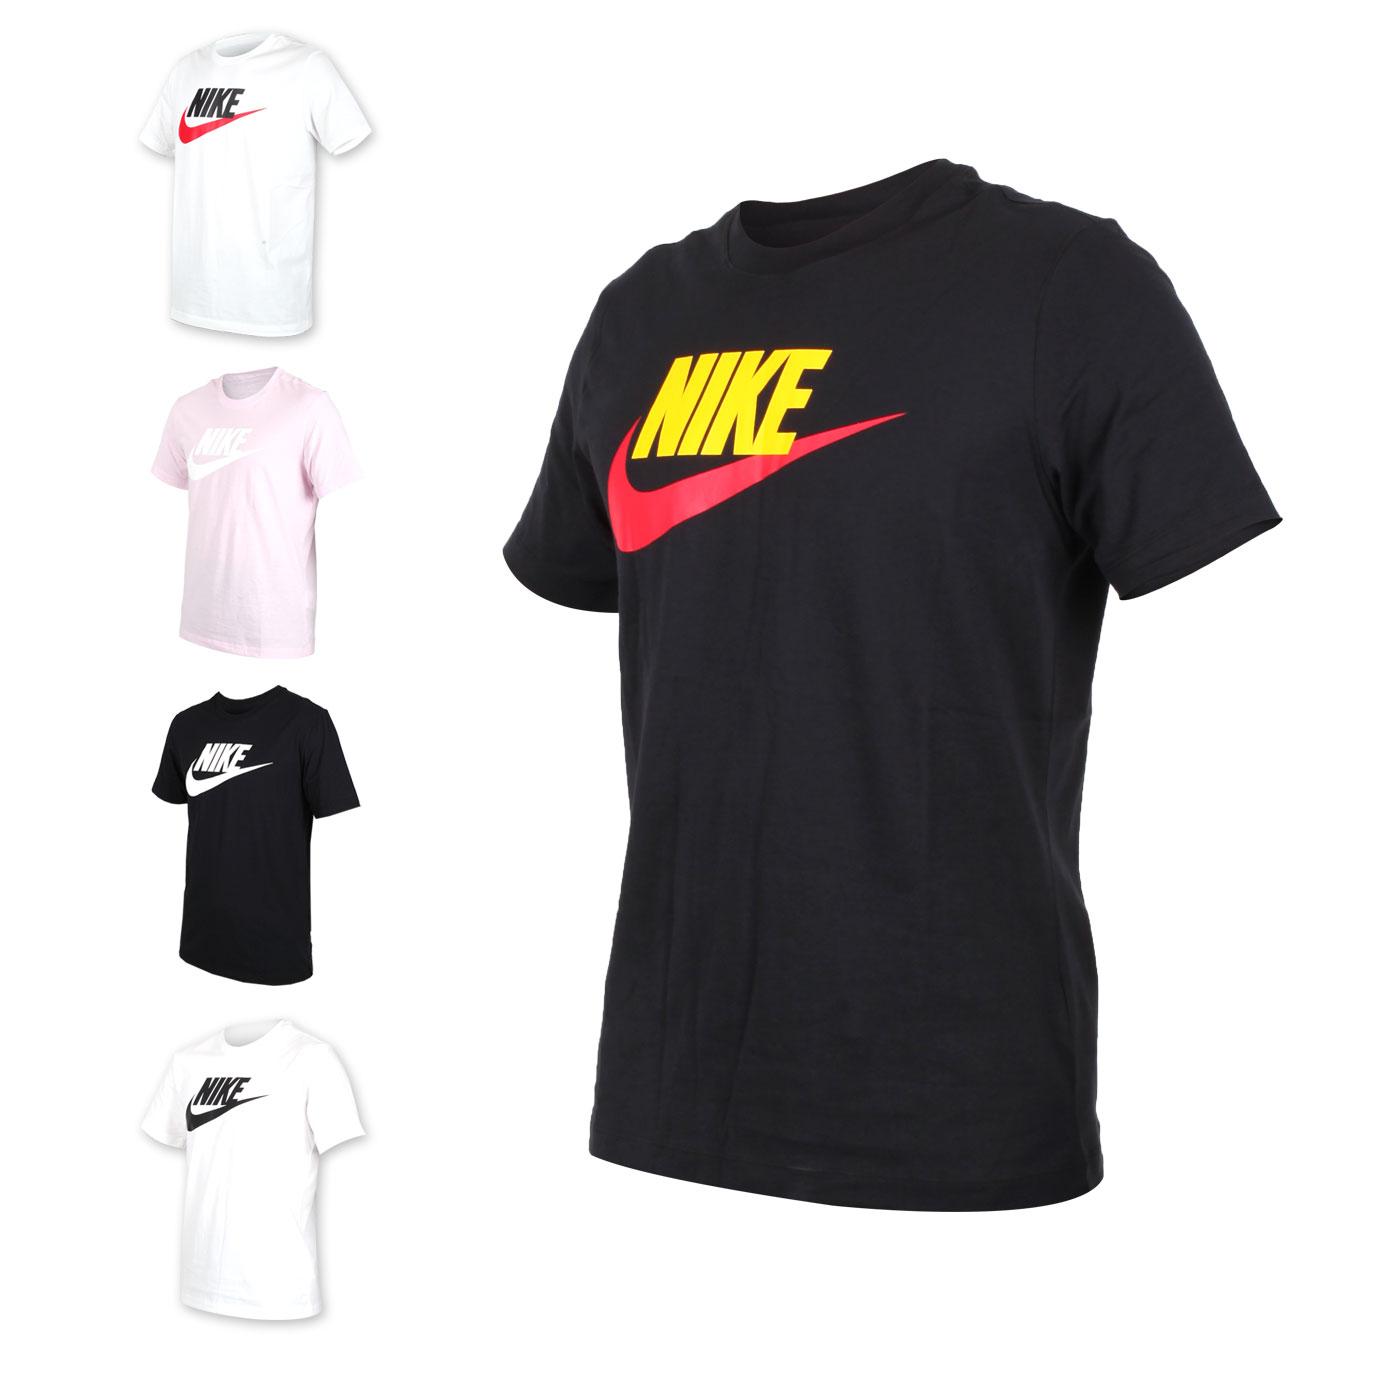 NIKE 男款短袖T恤 AR5005010